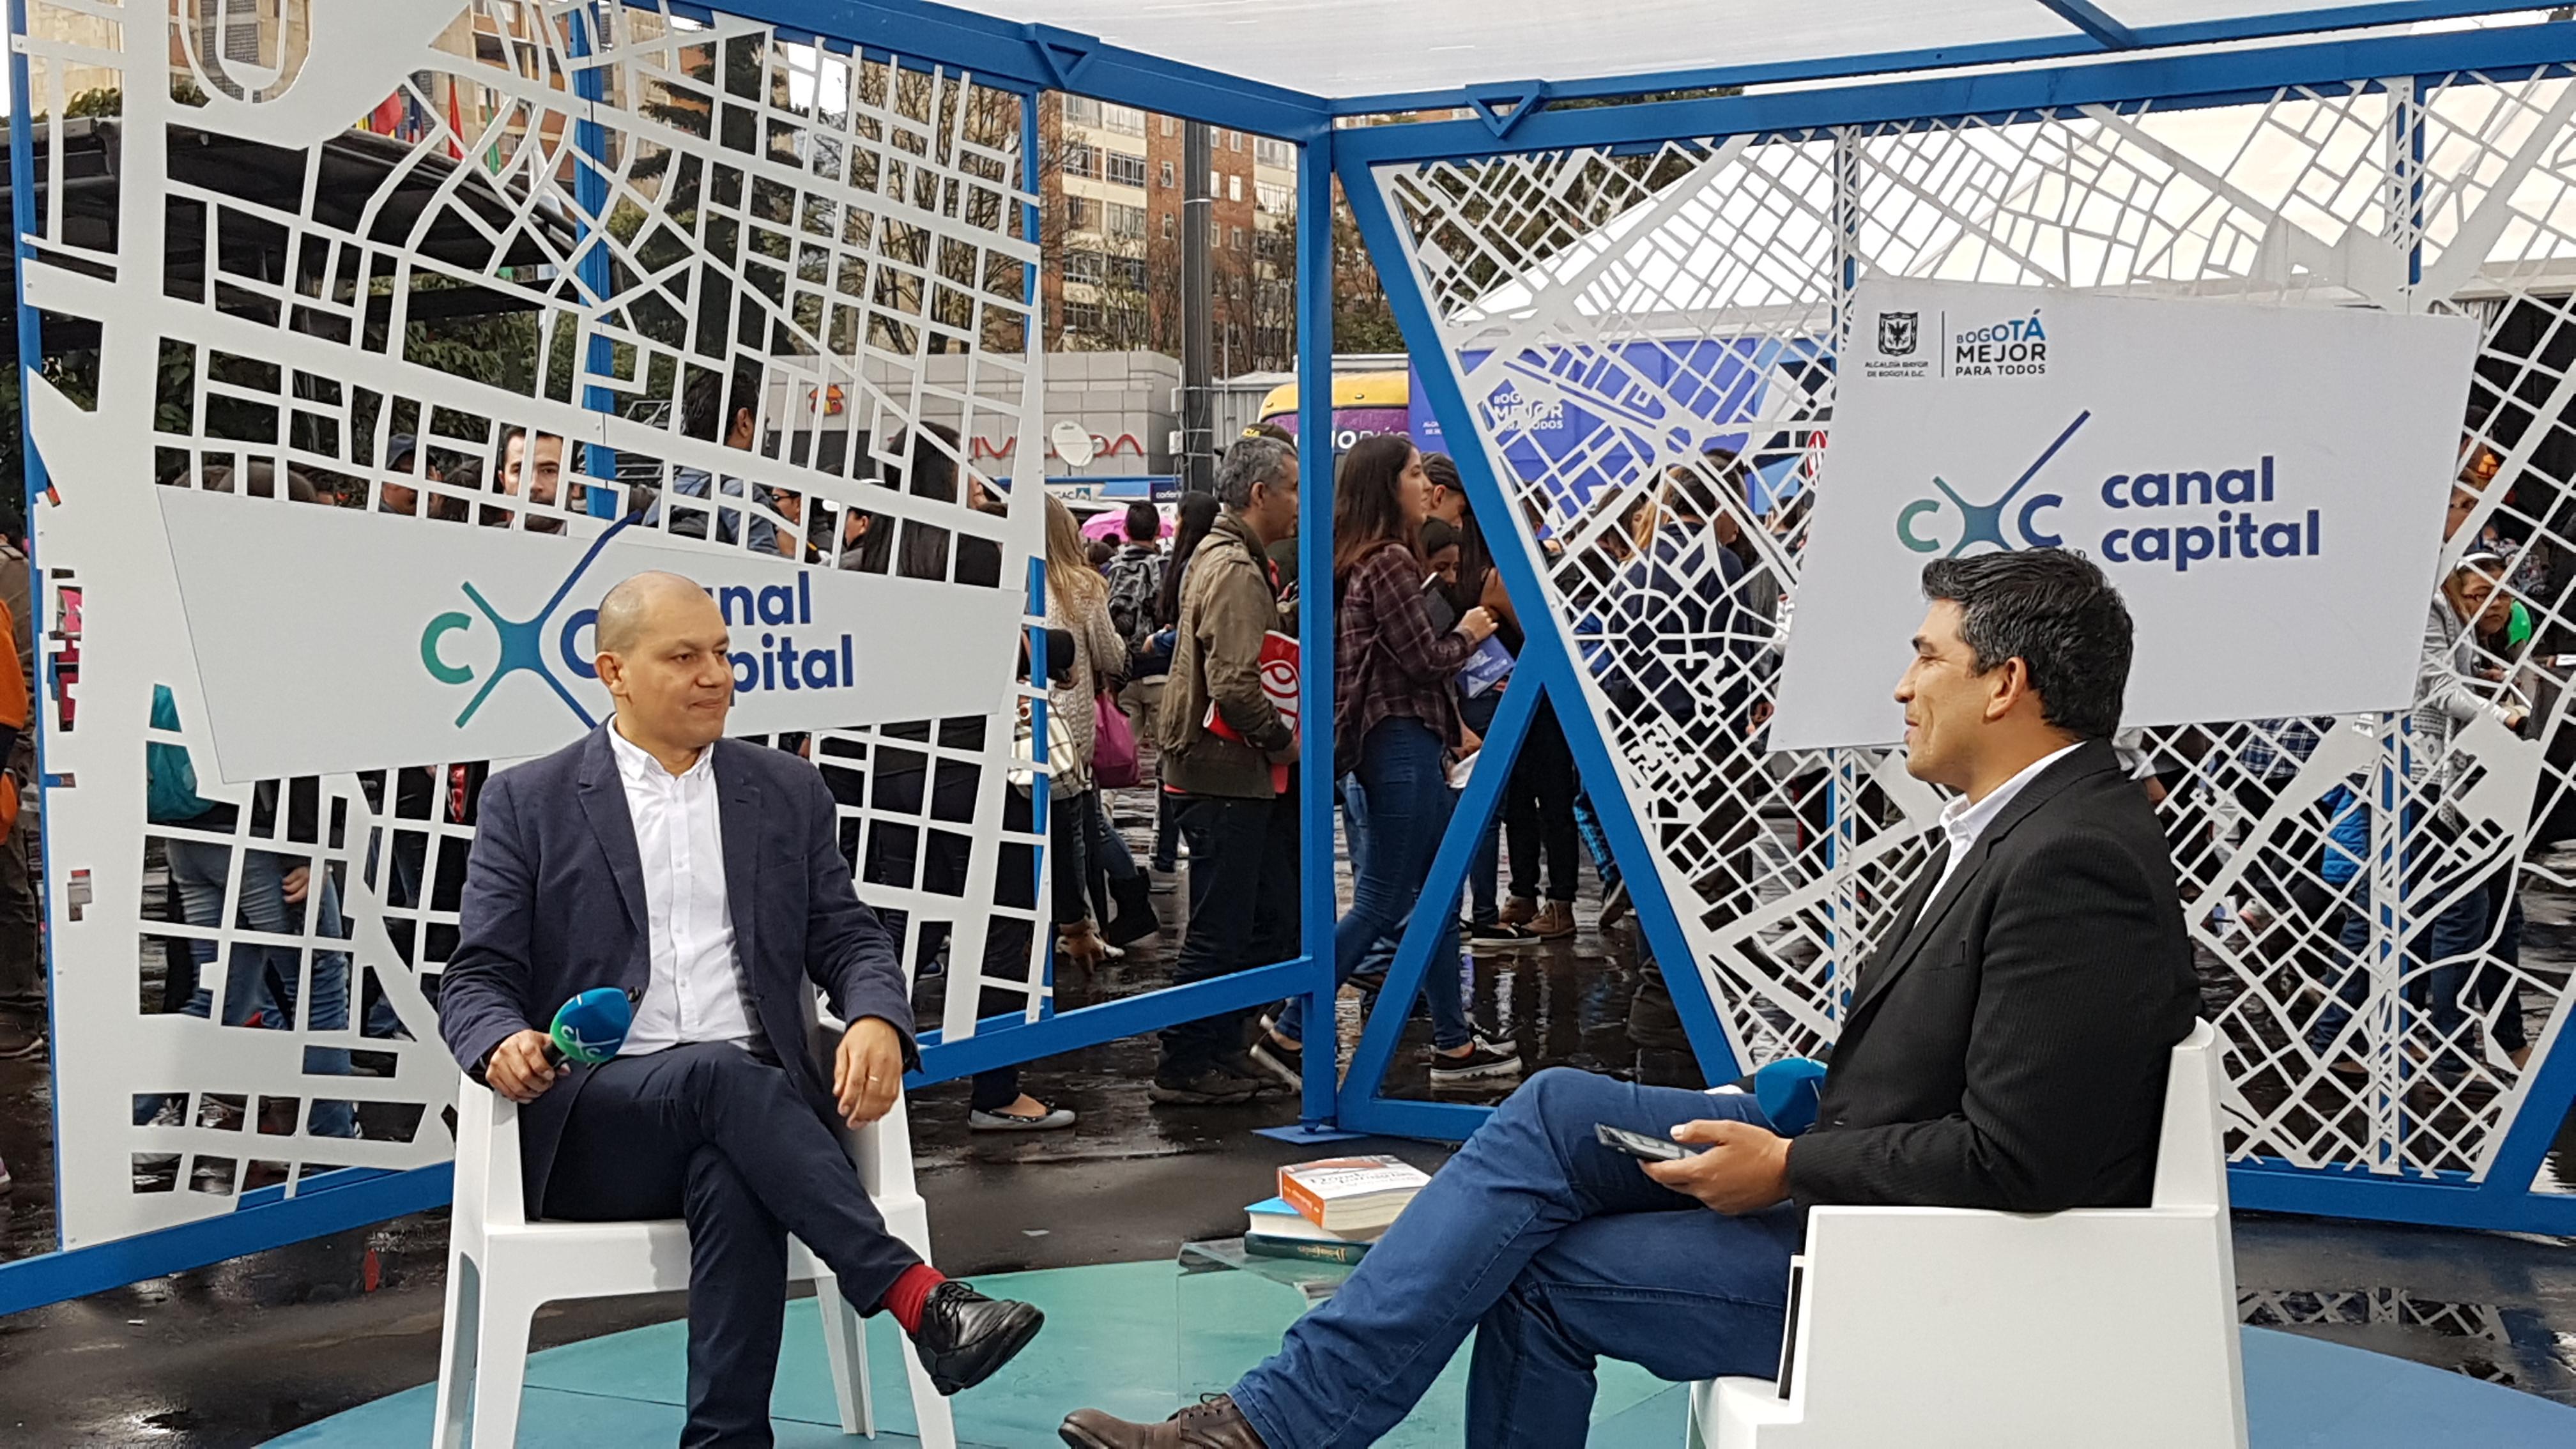 Entrevista en Canal Capital.